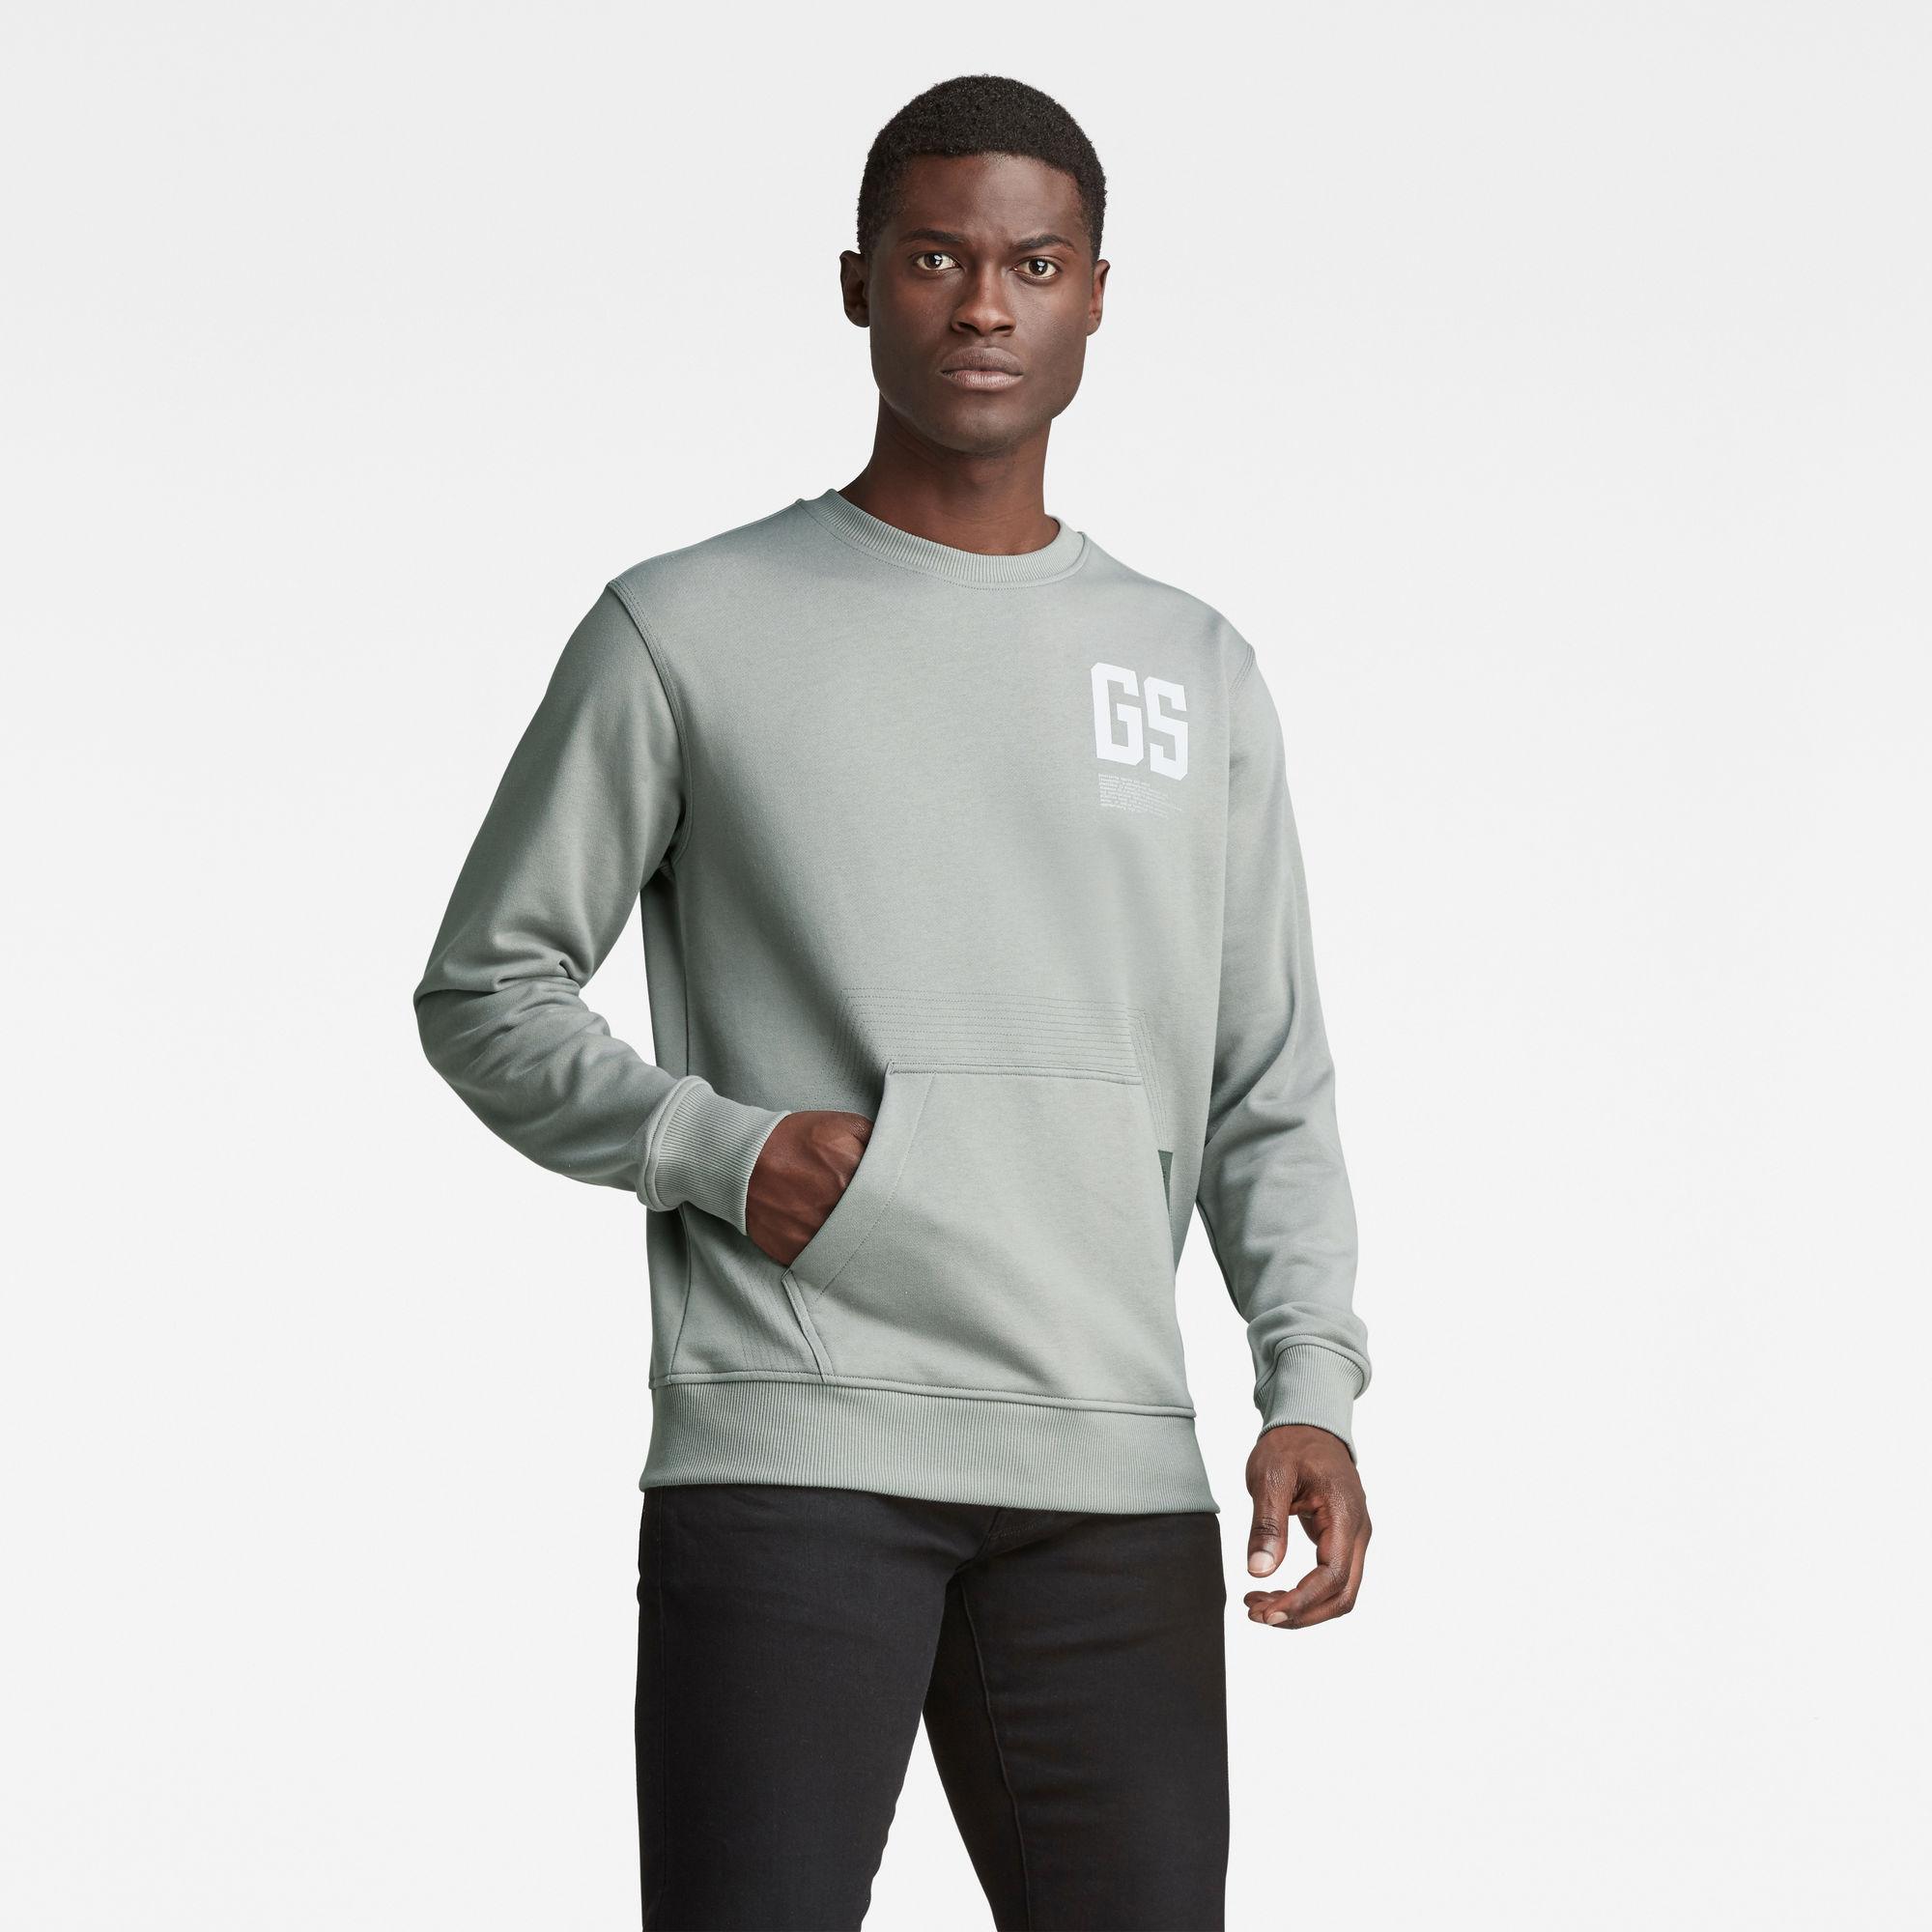 G-Star RAW Heren Stitch Pocket Sweater Grijs